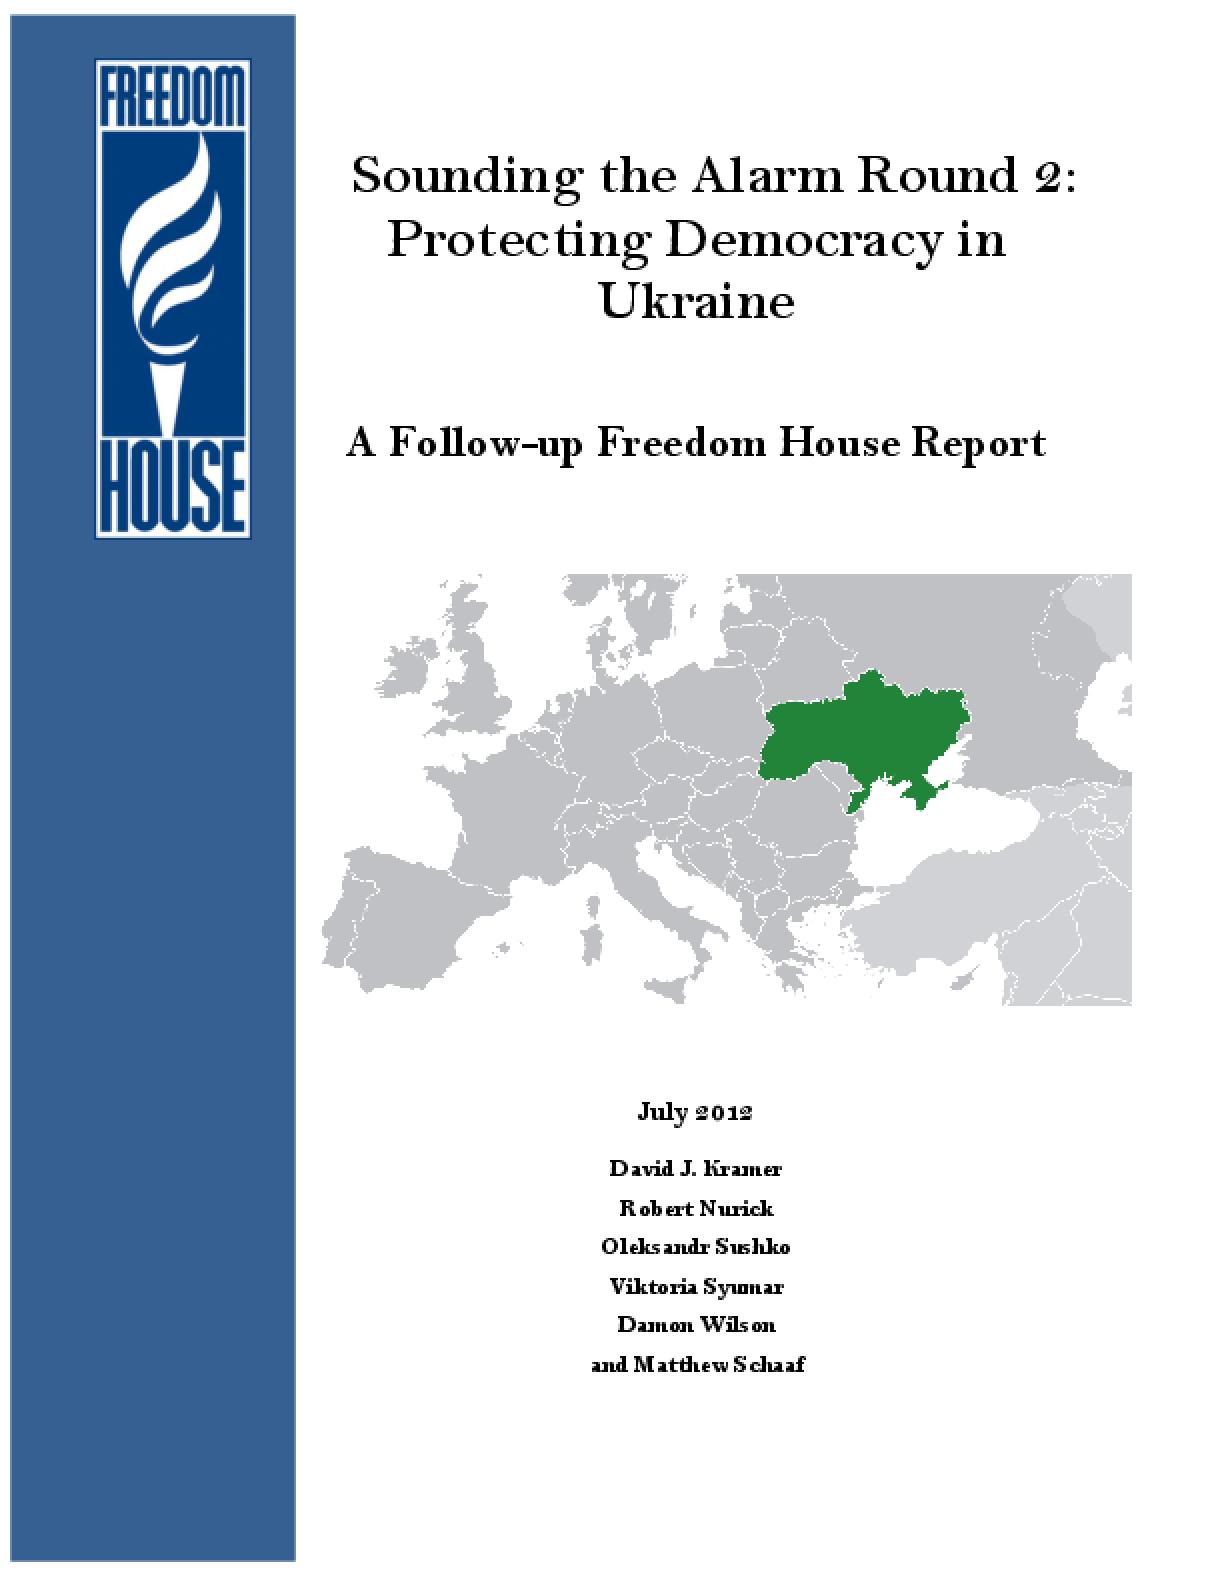 Sounding the Alarm Round 2: Protecting Democracy in Ukraine